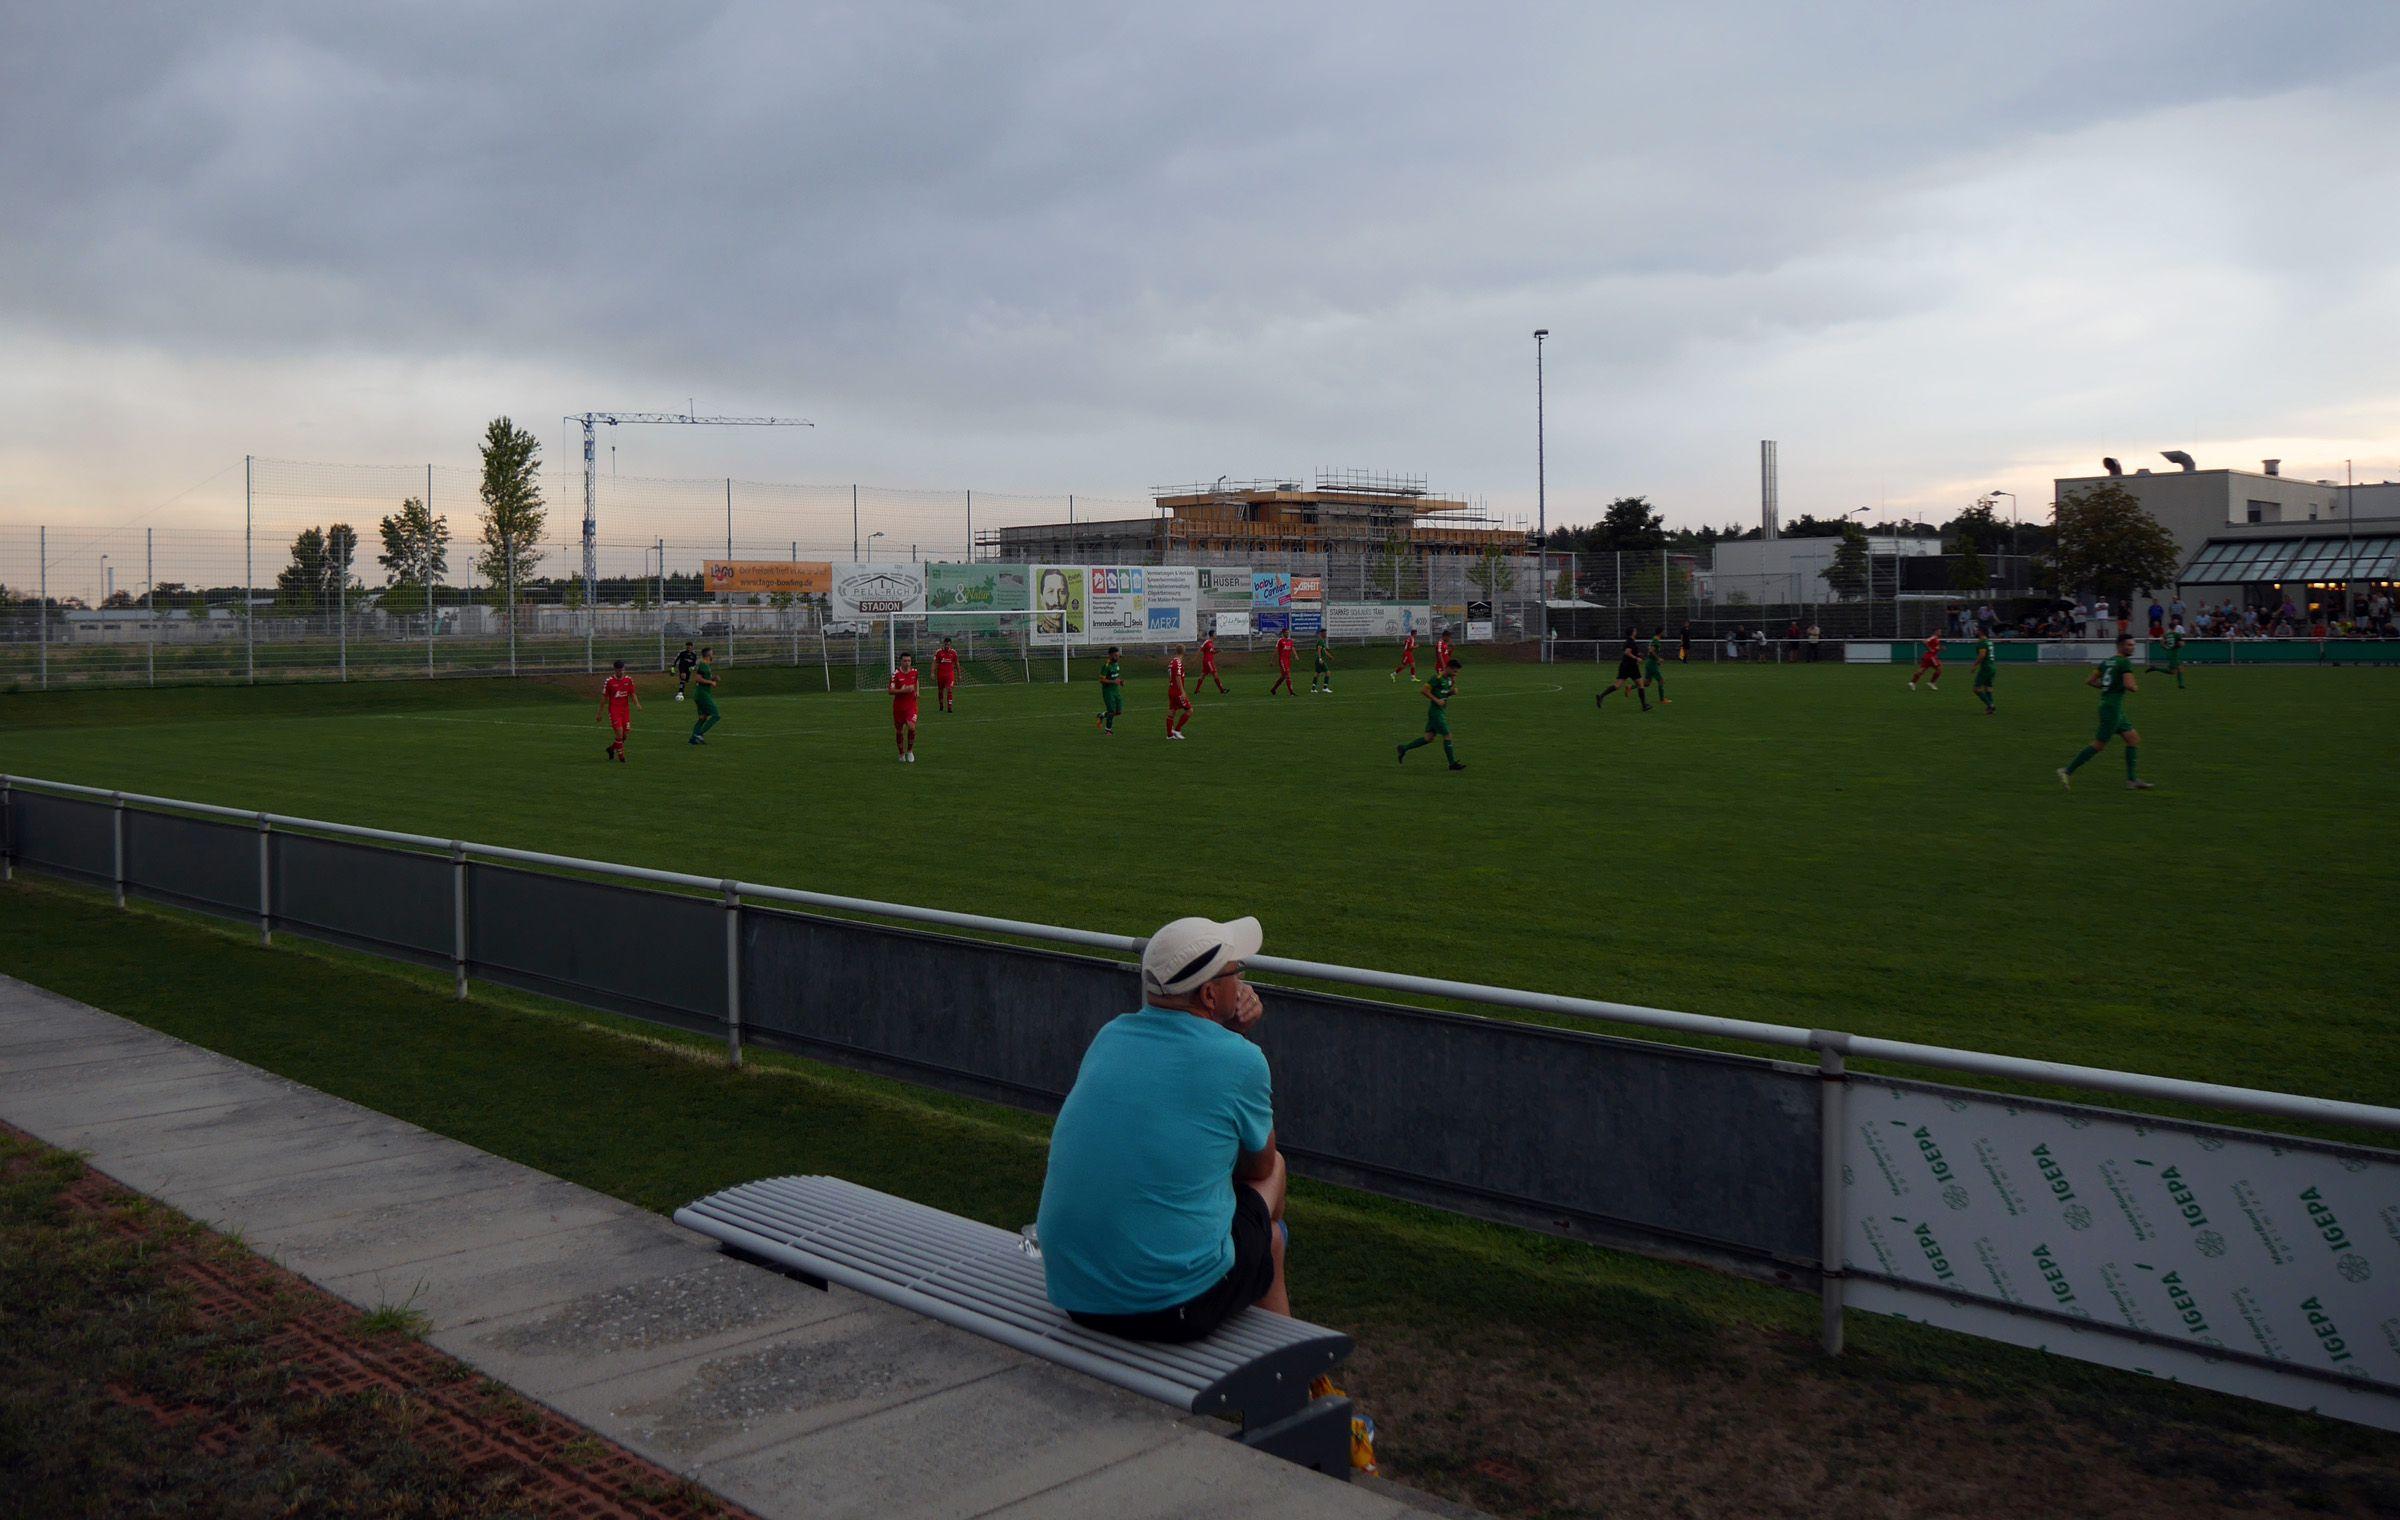 Fußball gucken in der Dämmerung…